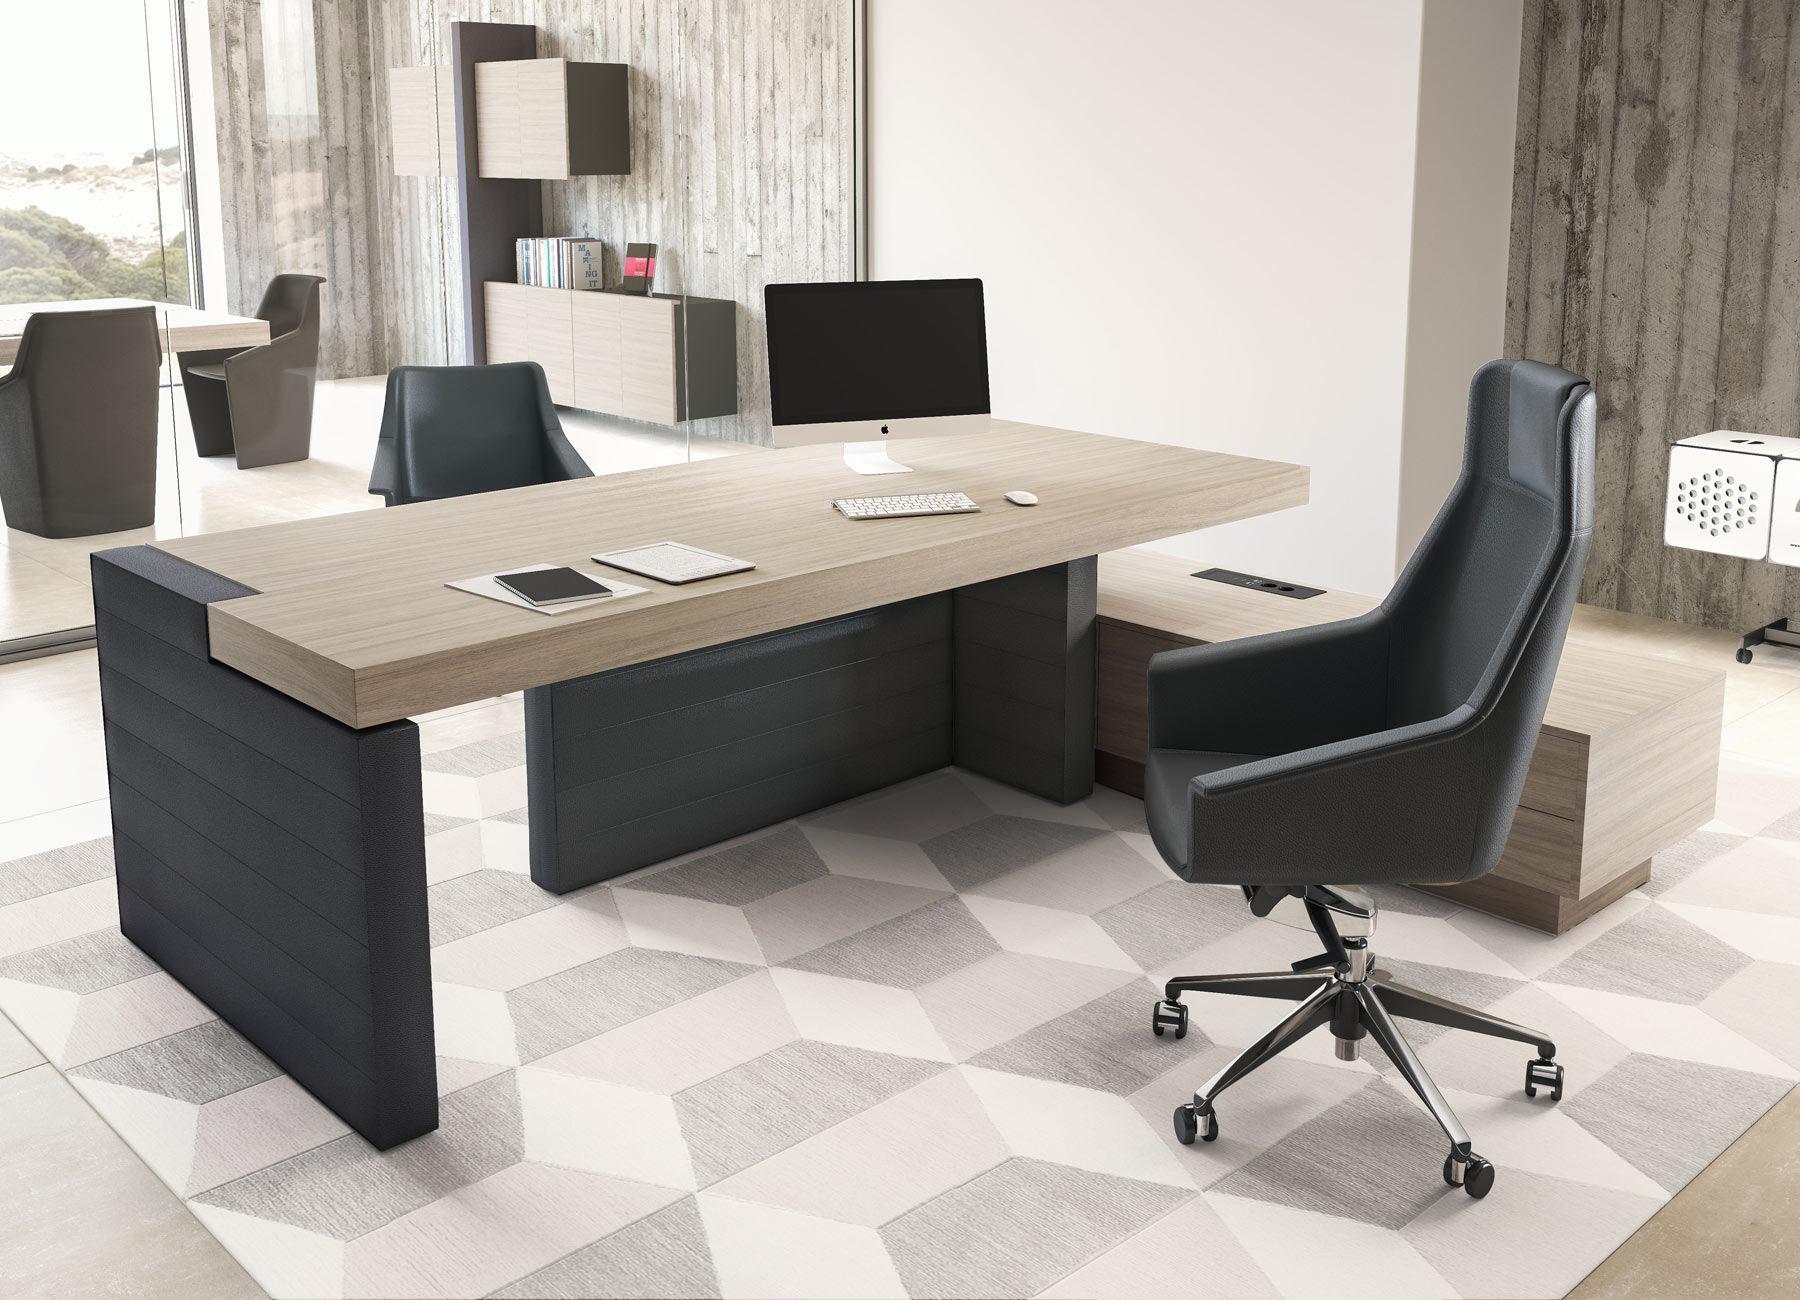 Pezzi Di Design Da Avere arredare l'ufficio con i brand di design più attuali e